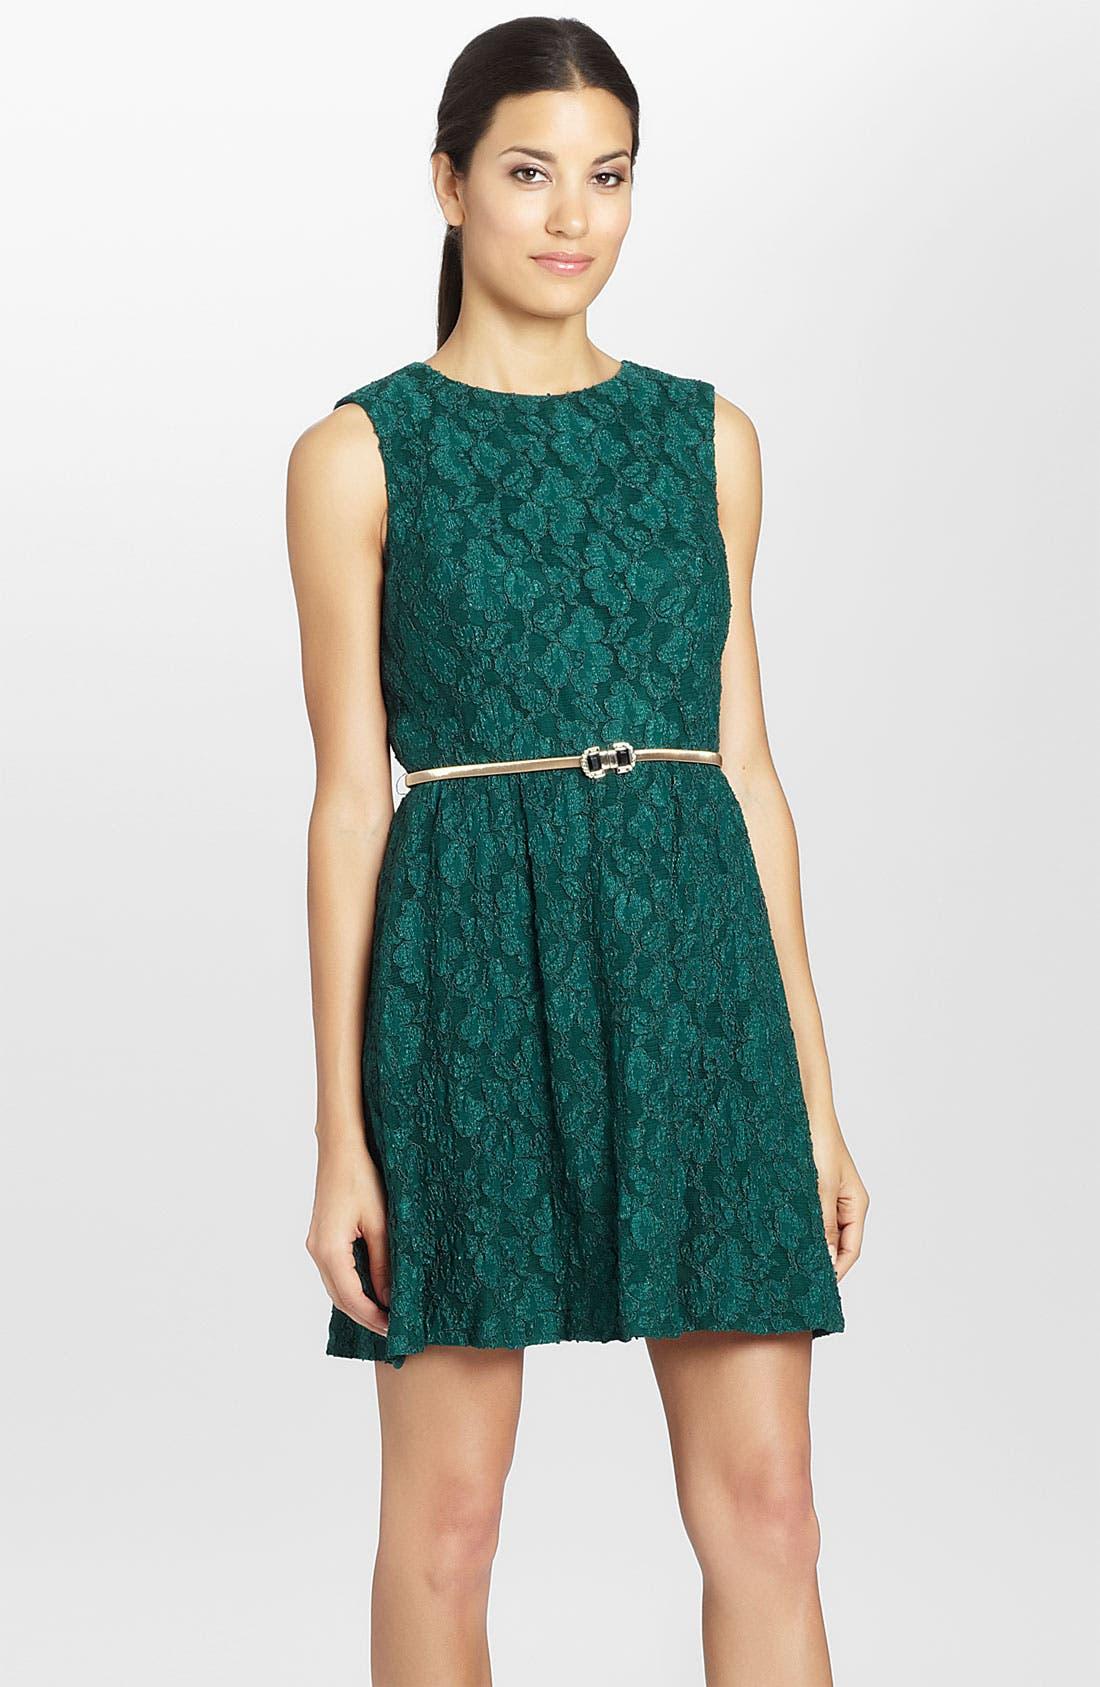 Main Image - Cynthia Steffe 'Davine' Sleeveless Belted Lace Dress